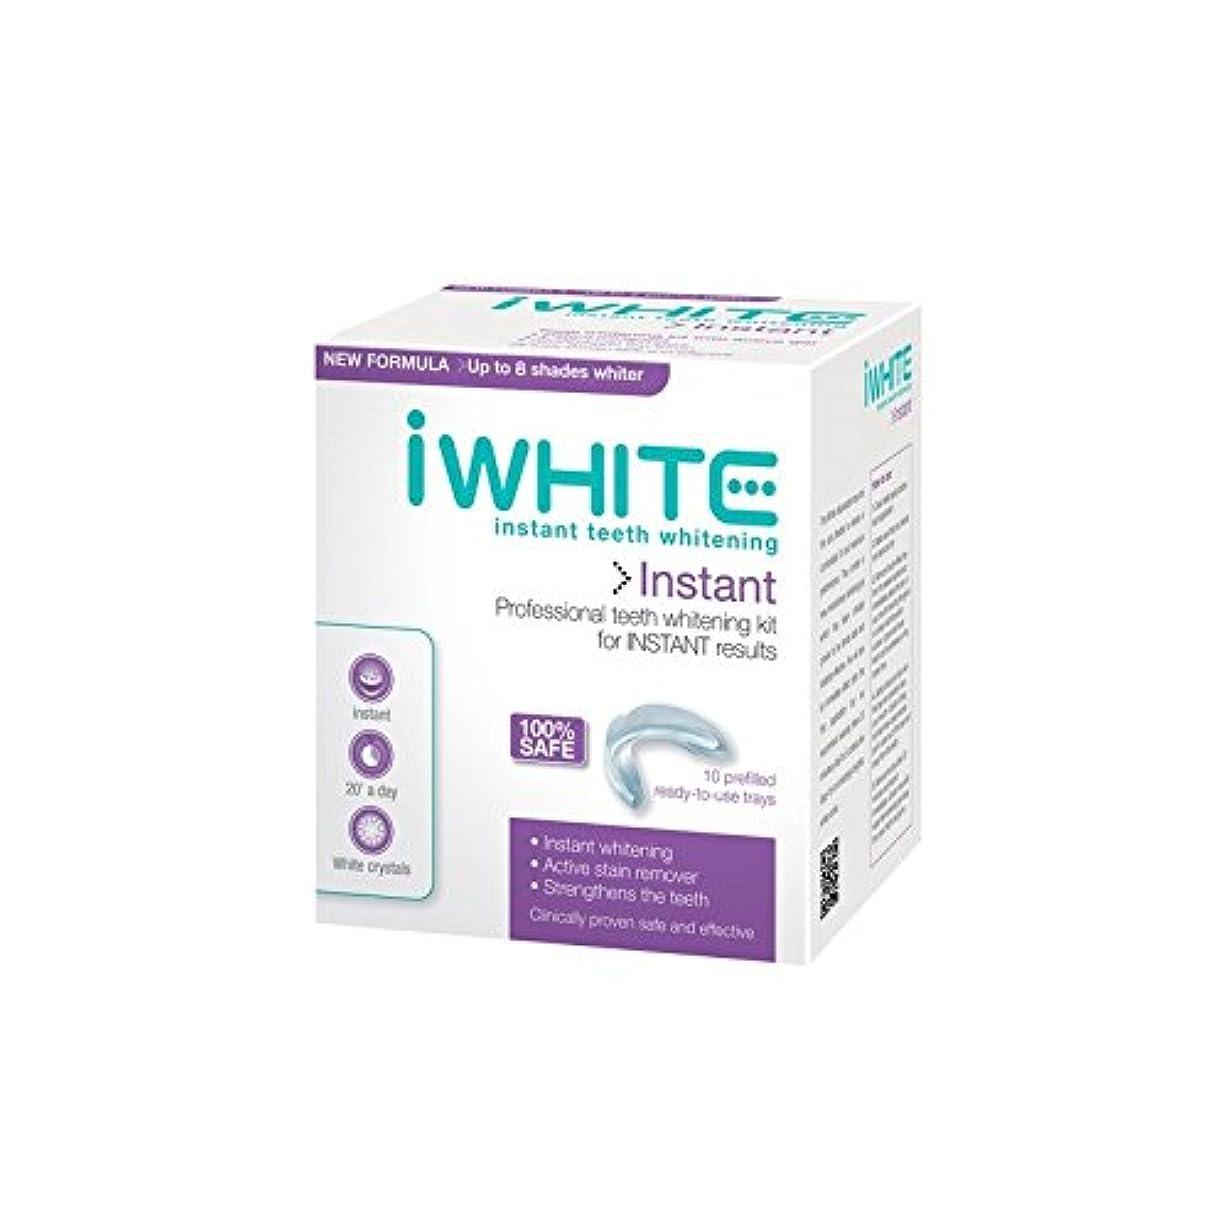 初心者自動ステージキットを白くするインスタントプロの歯(10個のトレー) x2 - iWhite Instant Professional Teeth Whitening Kit (10 Trays) (Pack of 2) [並行輸入品]